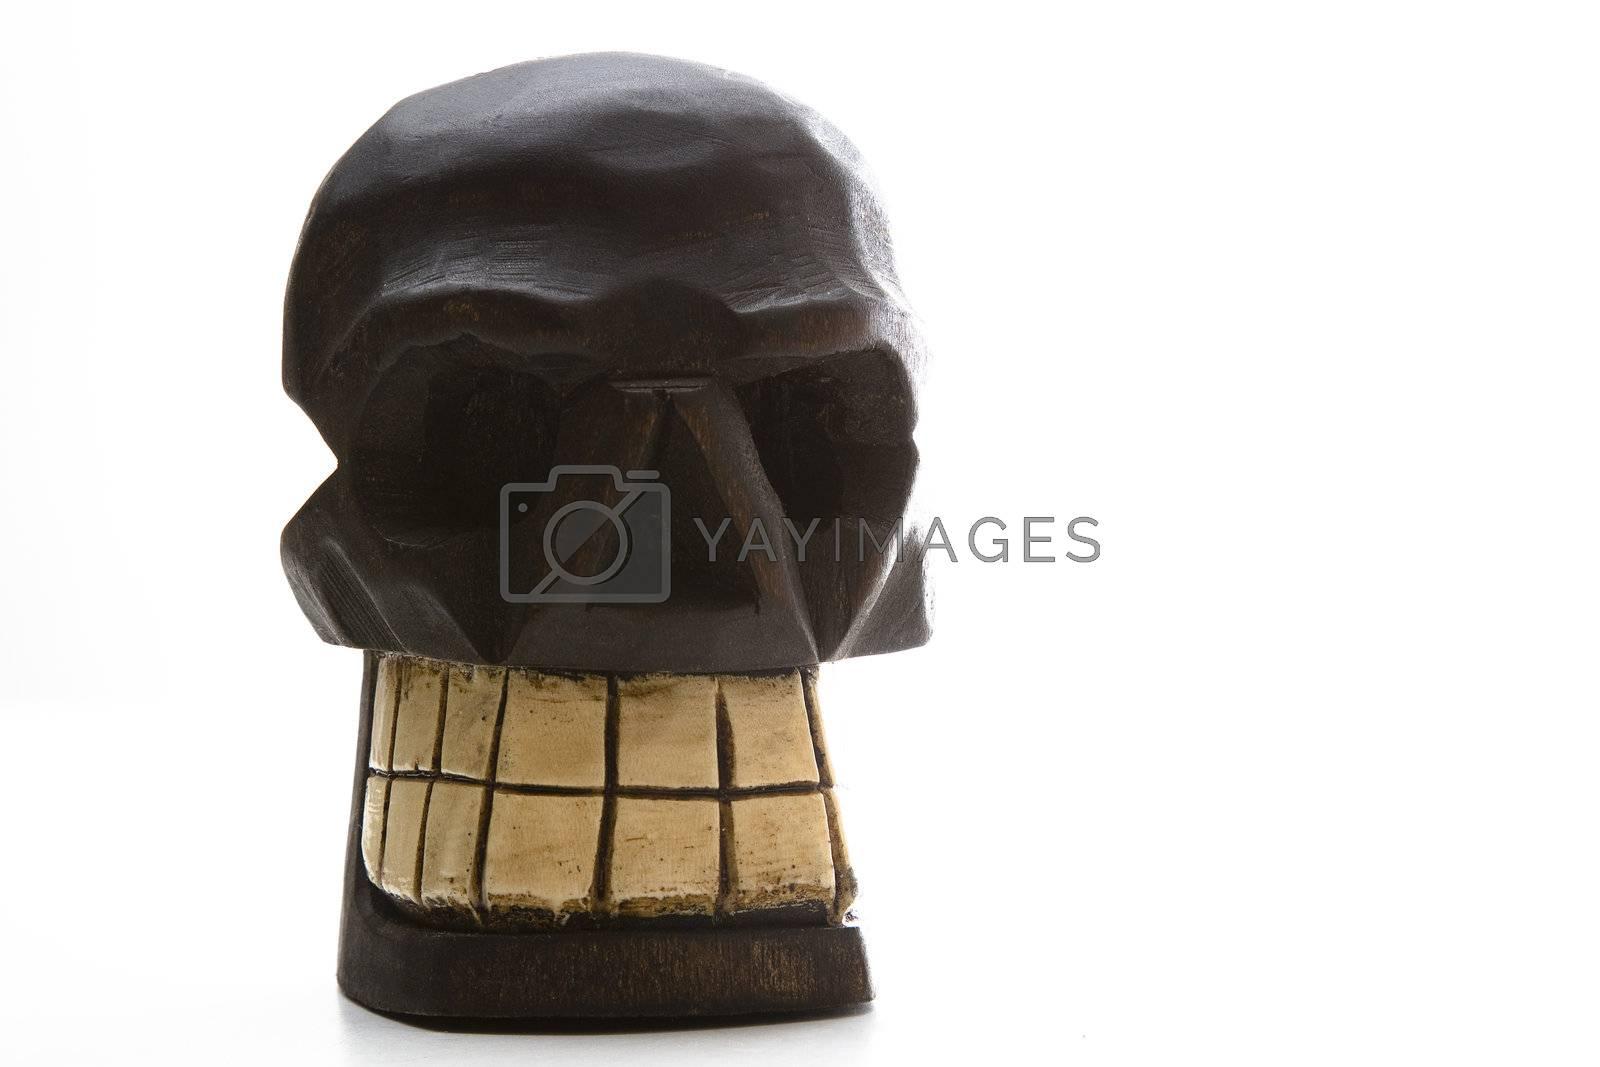 Royalty free image of Dia de los muertos wood skull by mypstudio